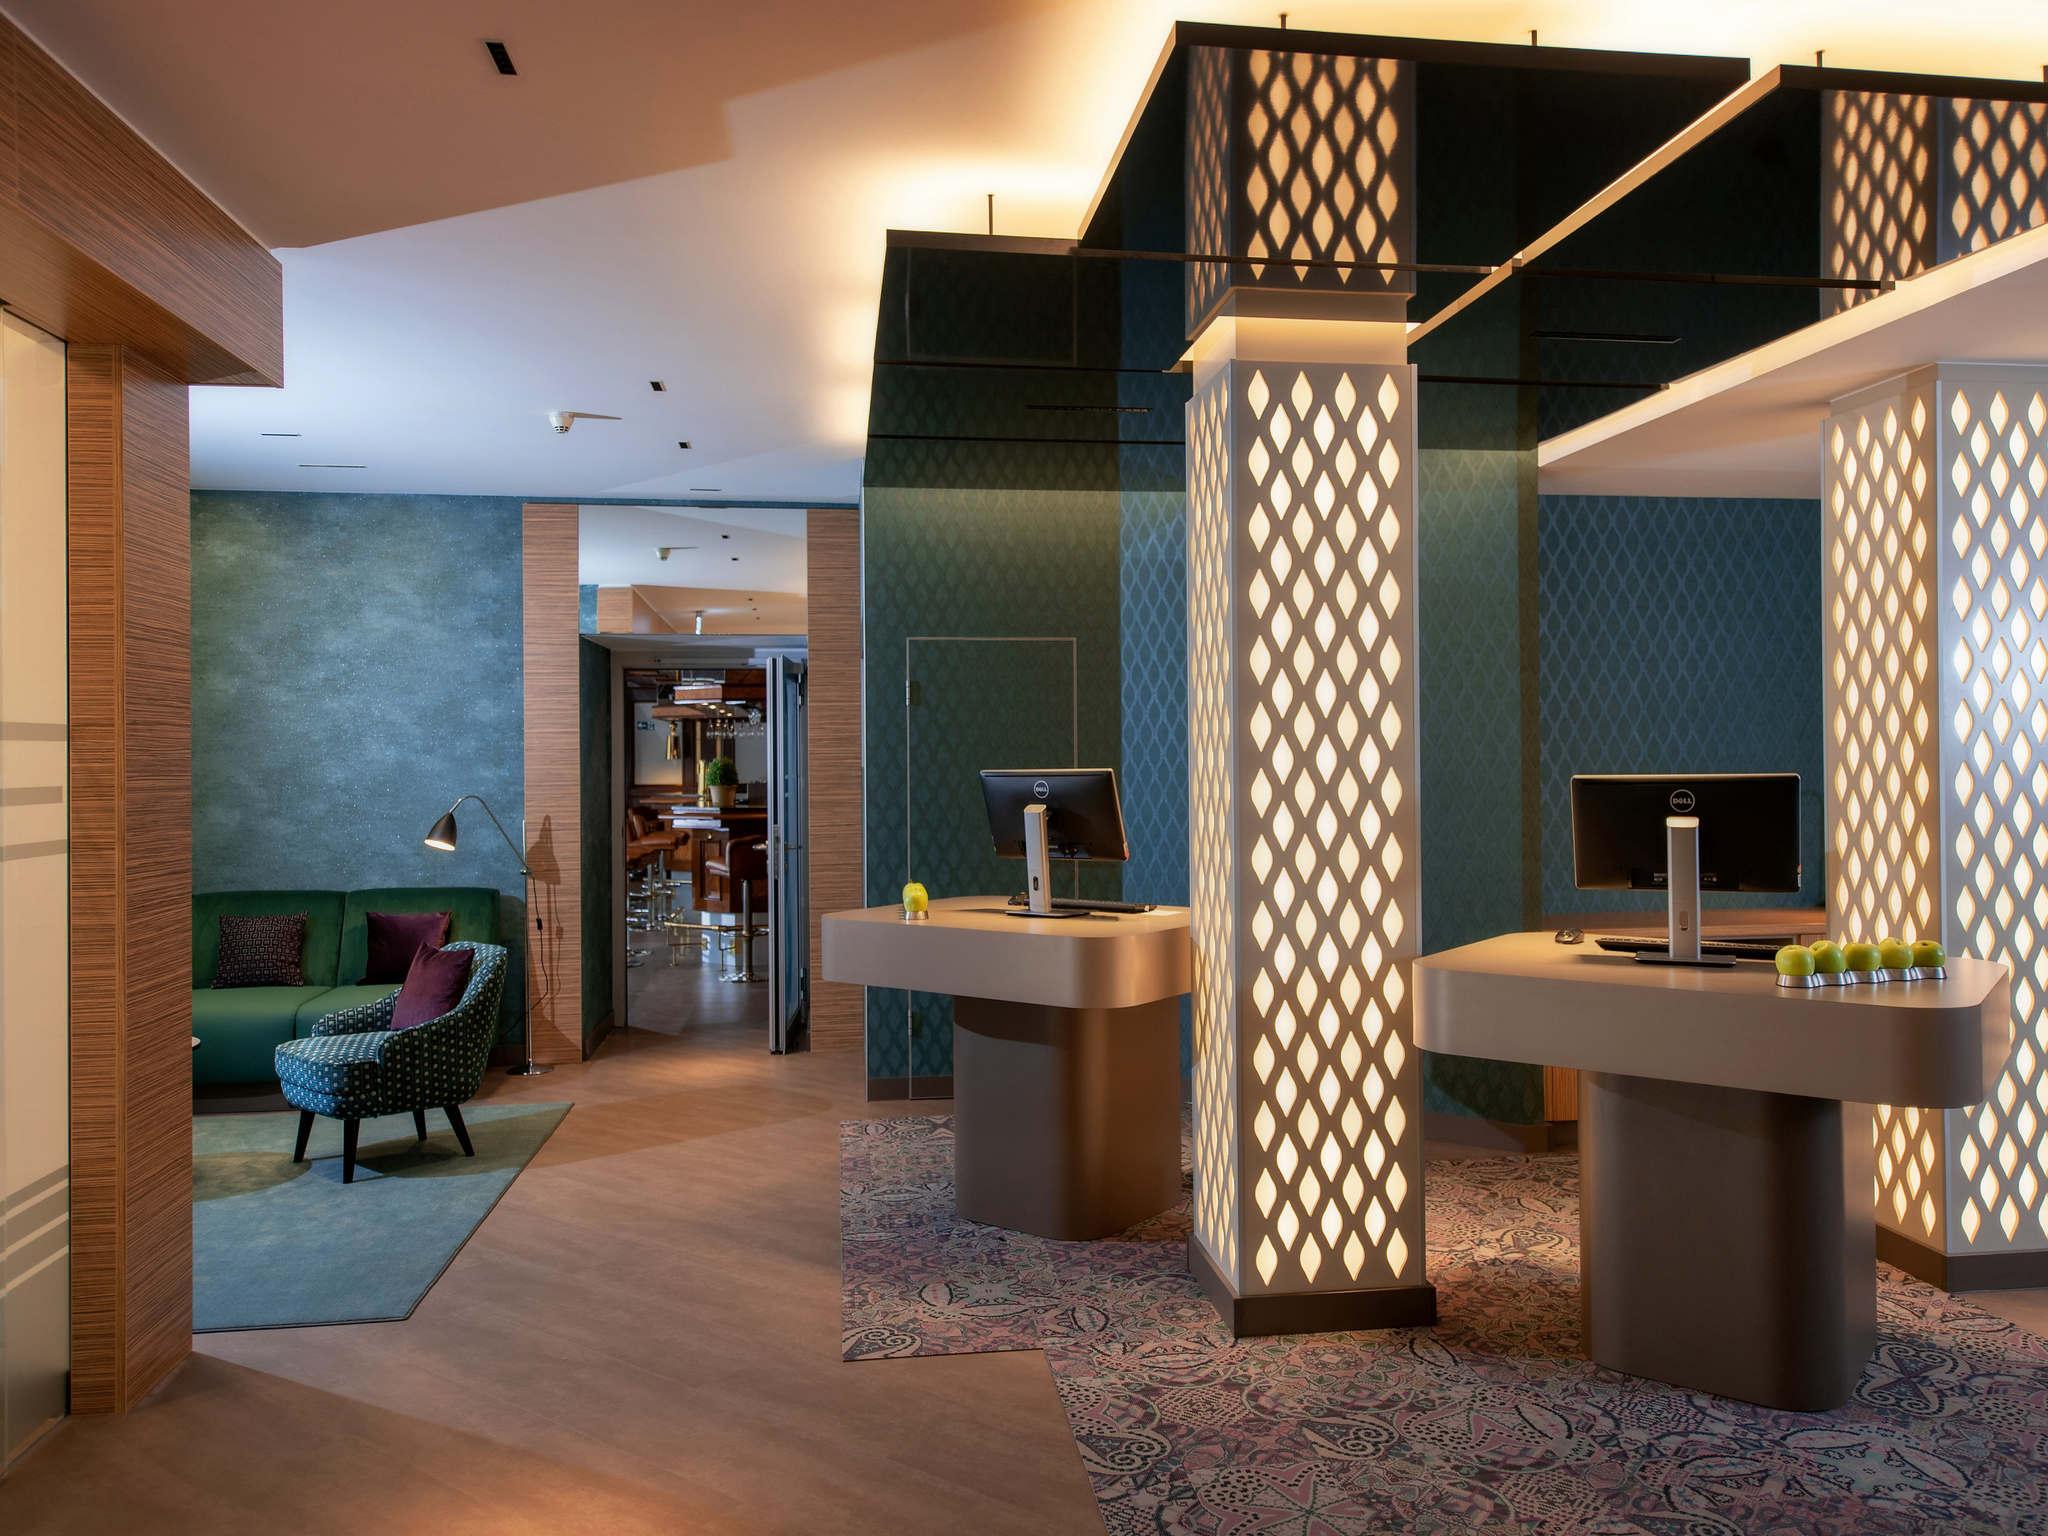 ホテル – メルキュール ホテル ケルン ベルフォルトシュトラーセ